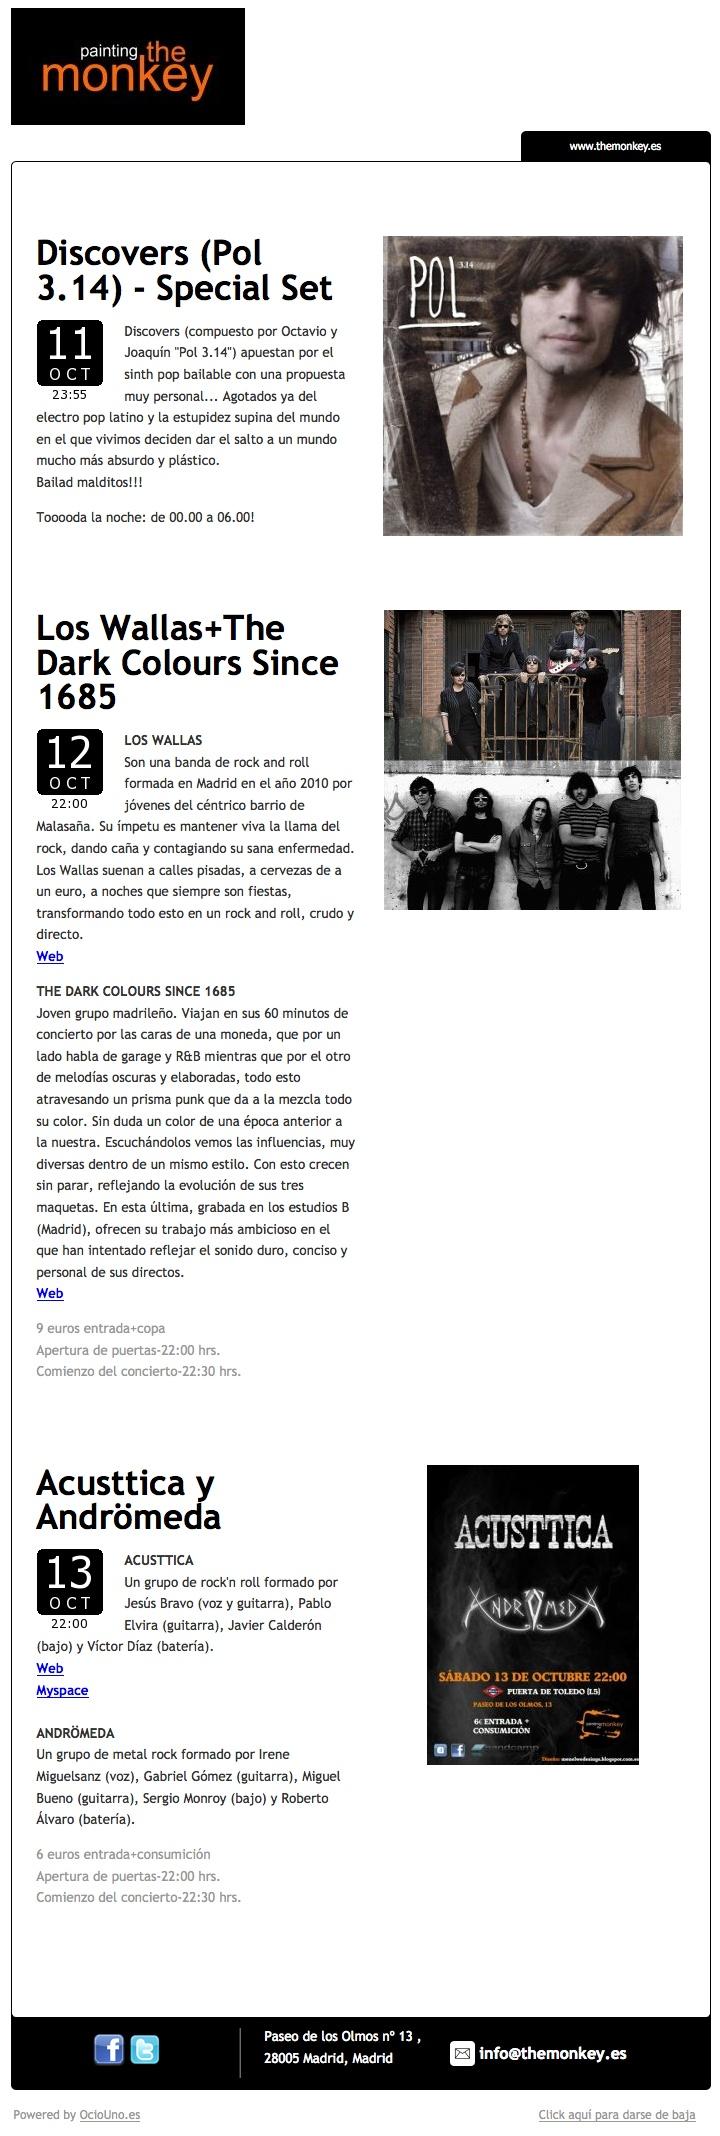 Painting the Monkey anuncia sus próximos conciertos mediante newsletter utilizando OcioUno. Más información en: www.ociouno.es